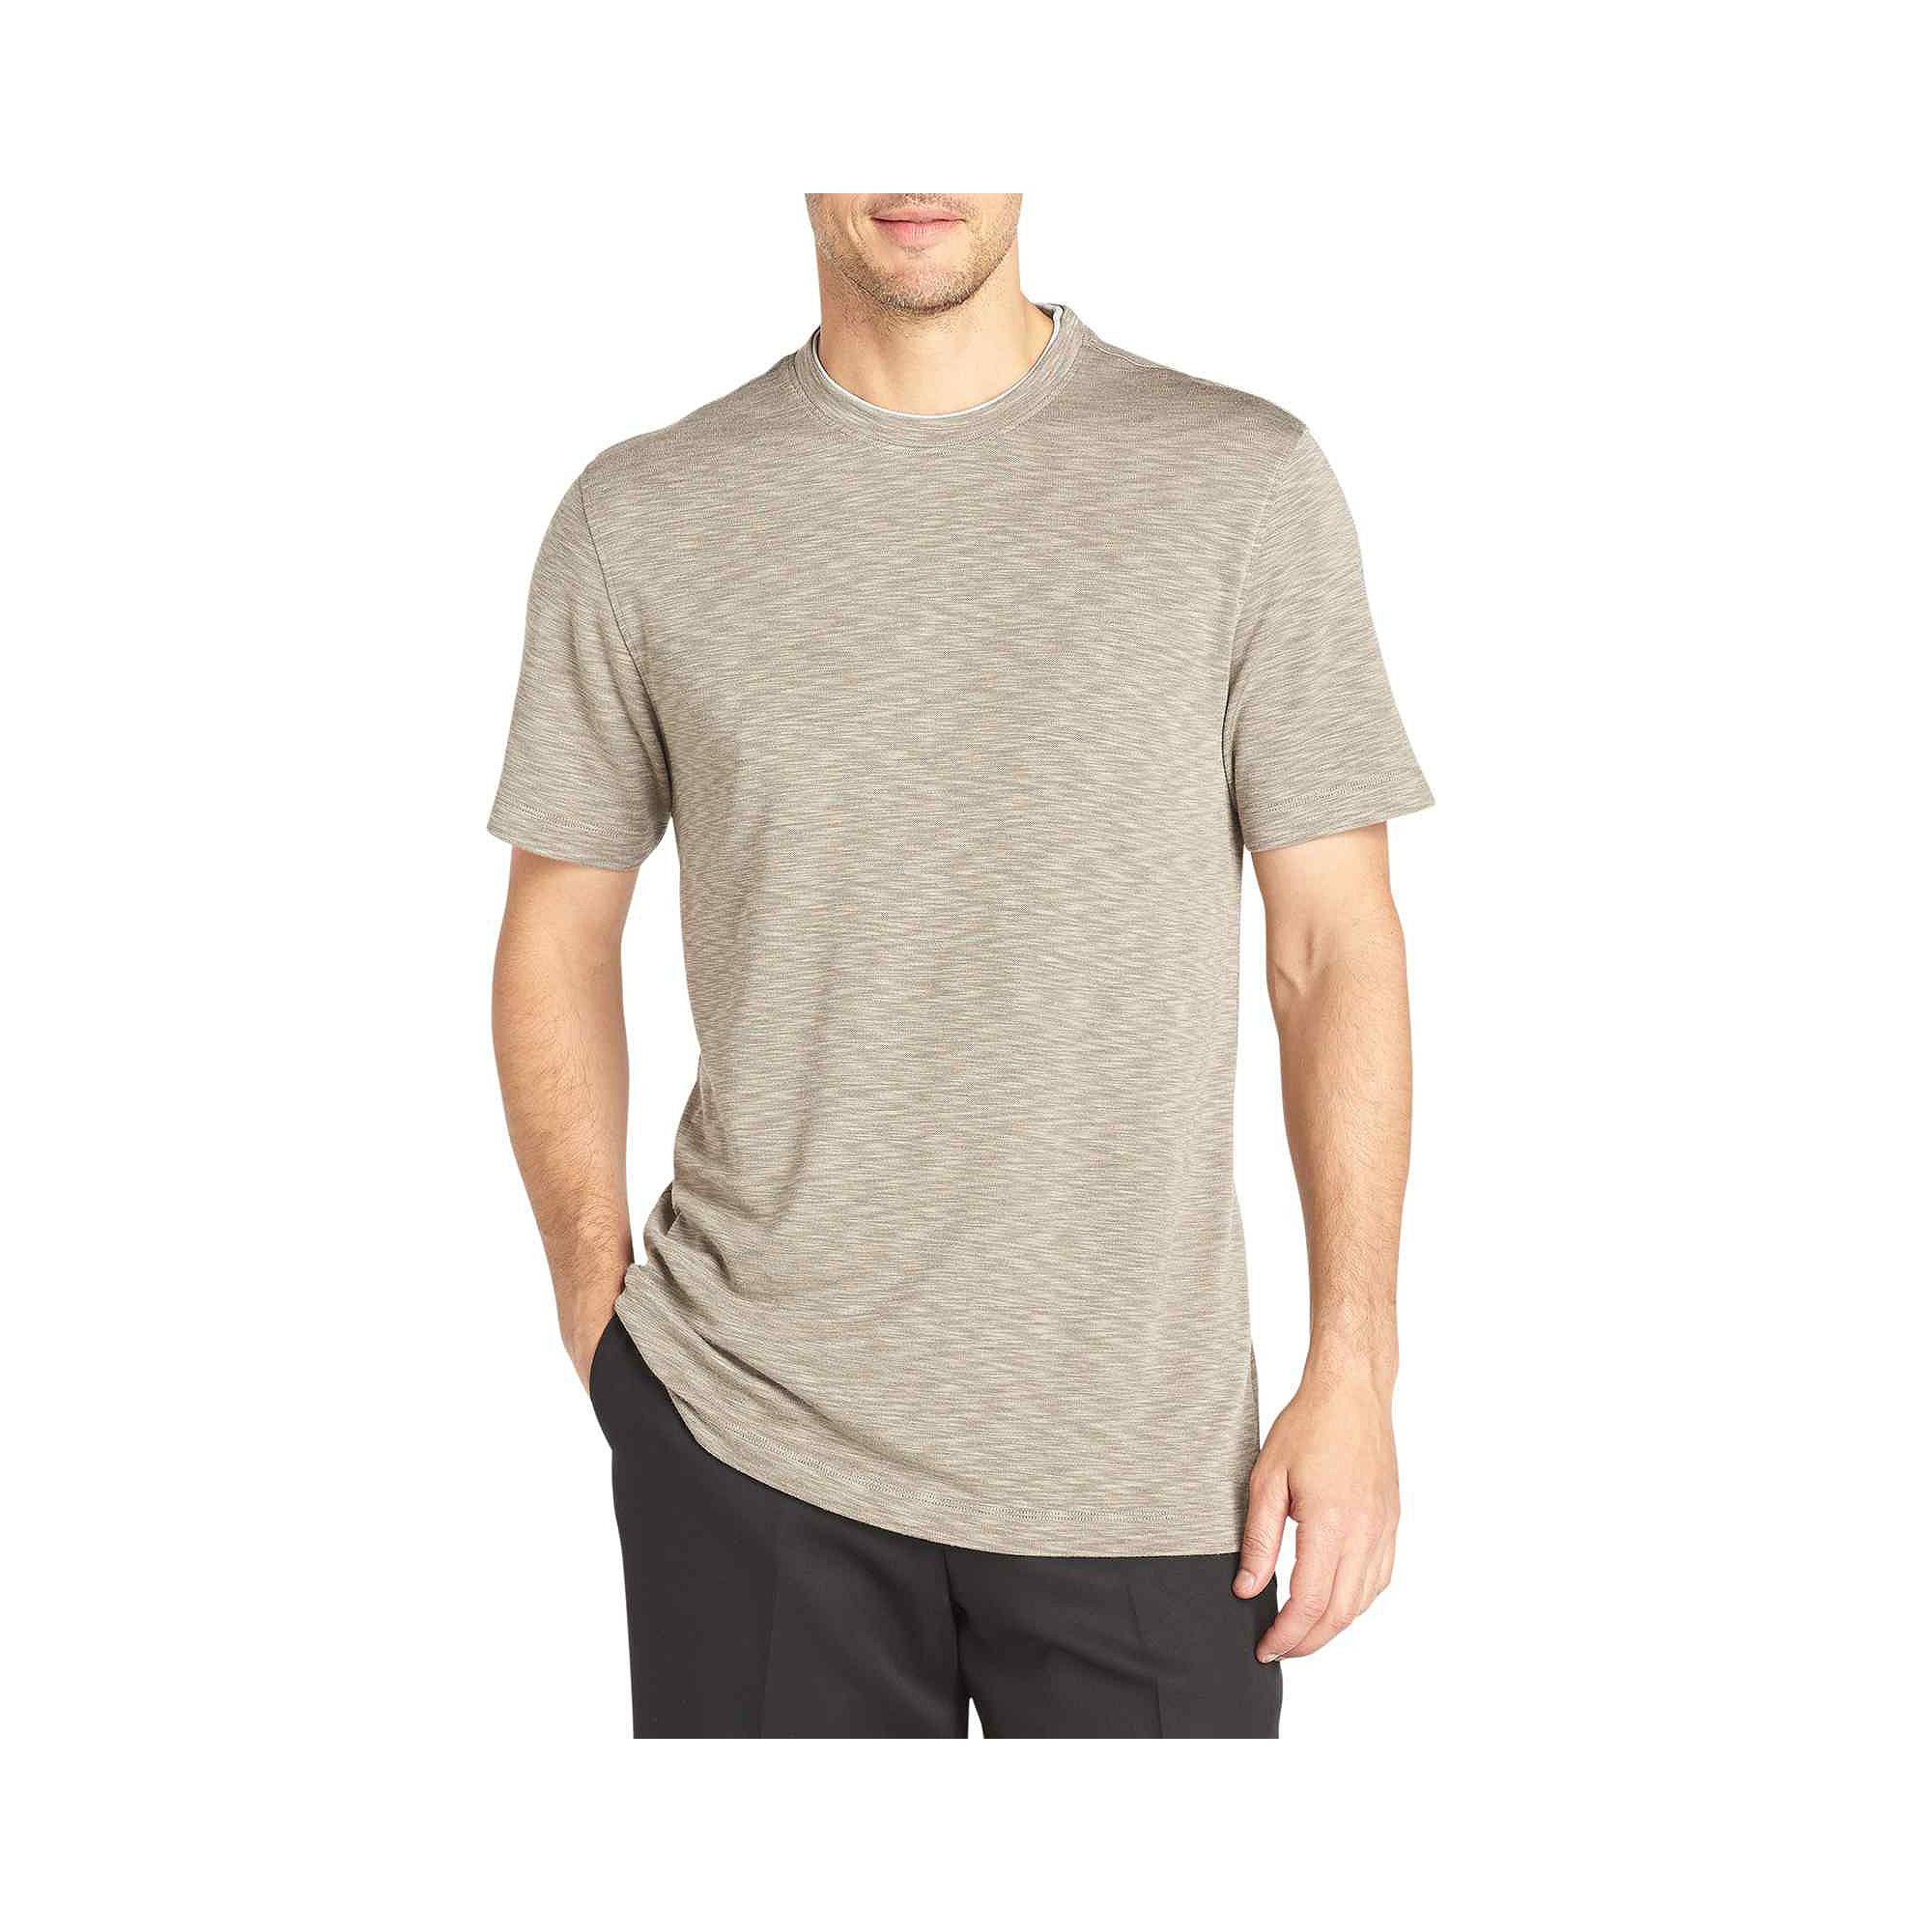 Van Heusen Short-Sleeve Doubler T-Shirt